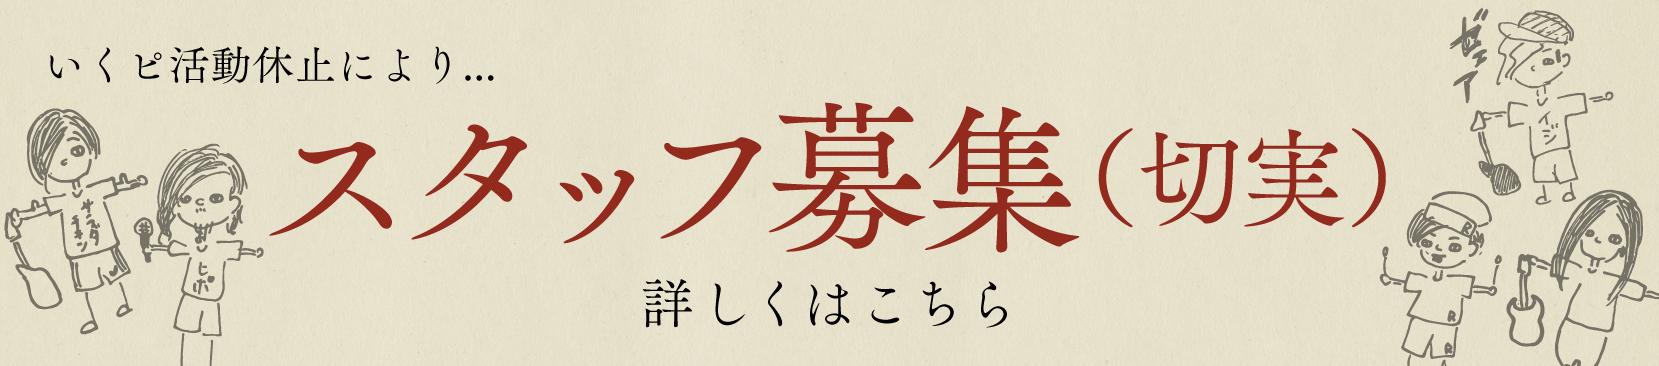 それ媚びスタッフ募集!!